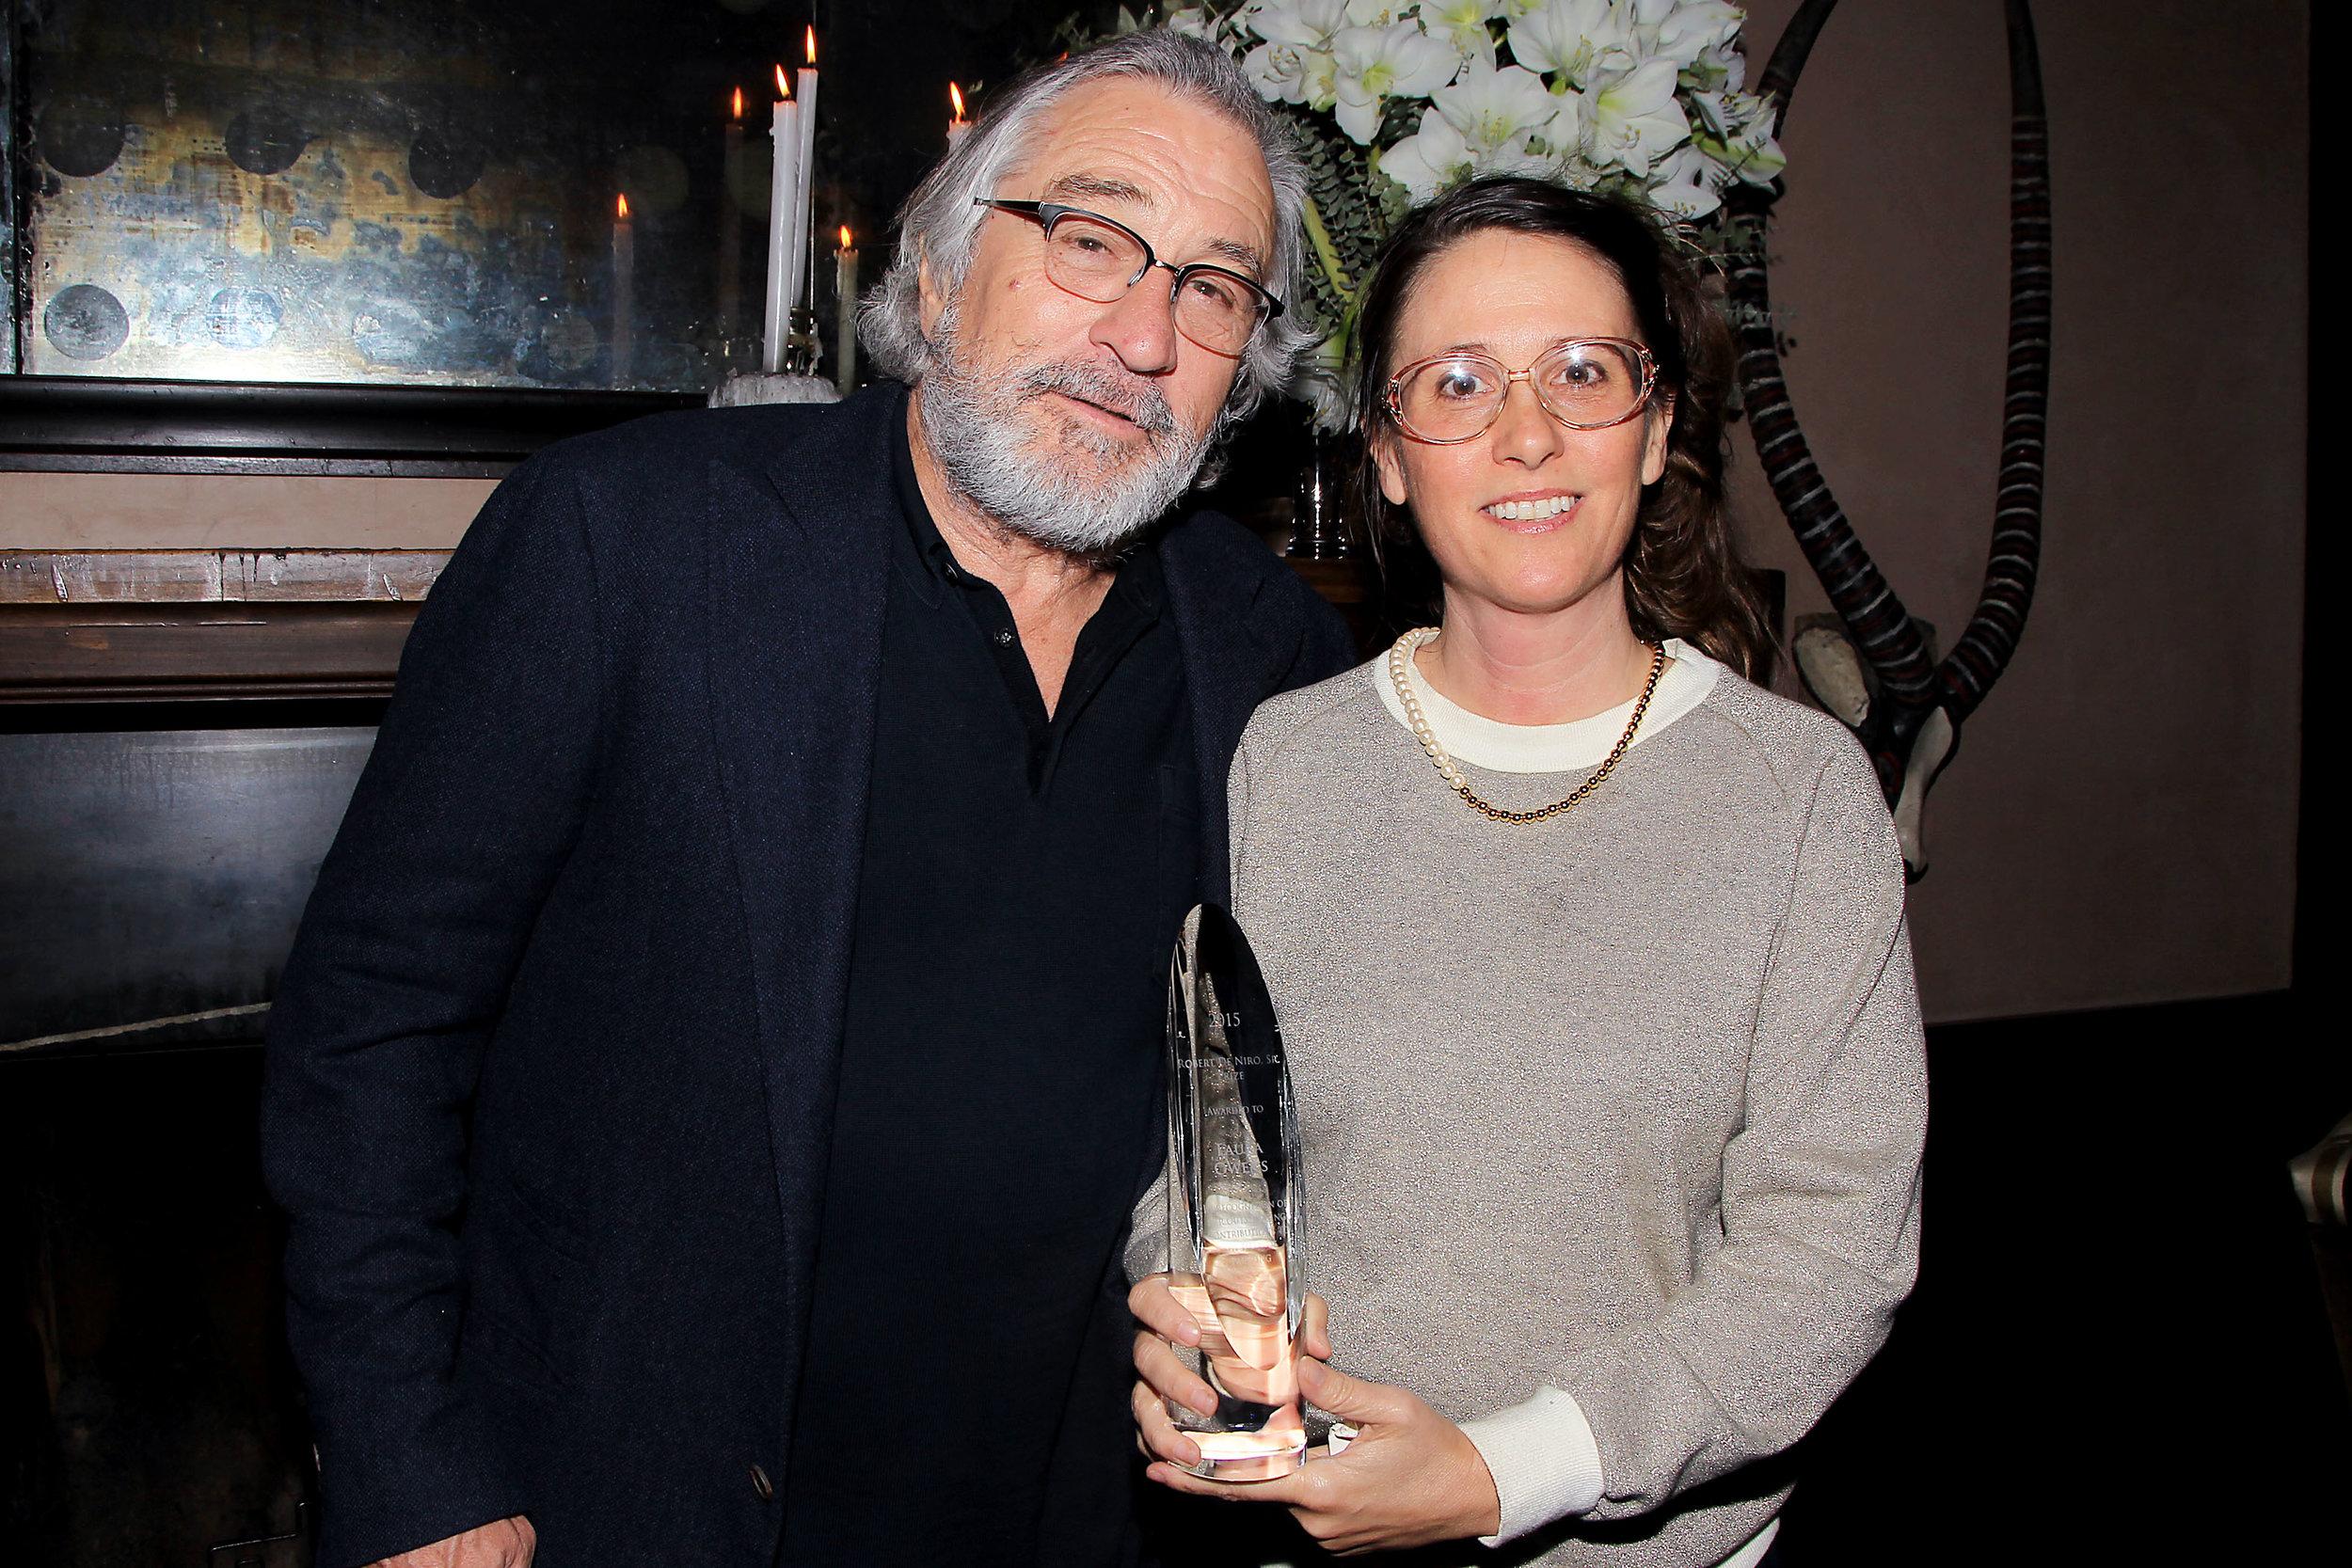 Robert De Niro presents artist Laura Owens with the 2015 Robert De Niro, Sr. prize.